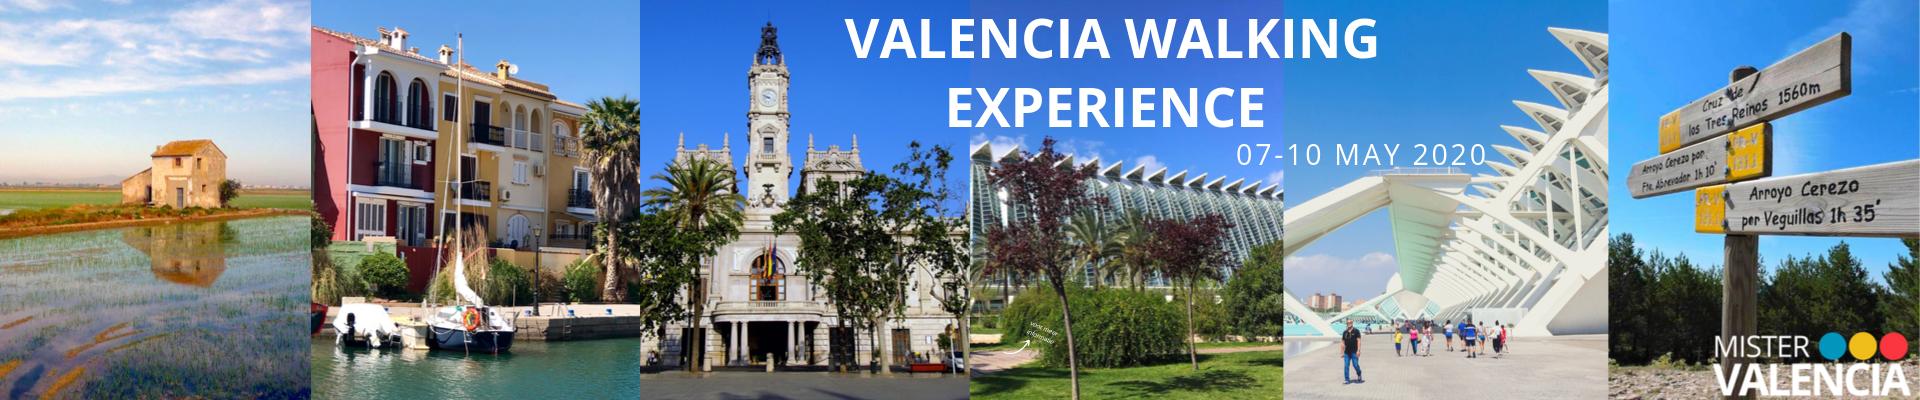 Valencia Walking Experience